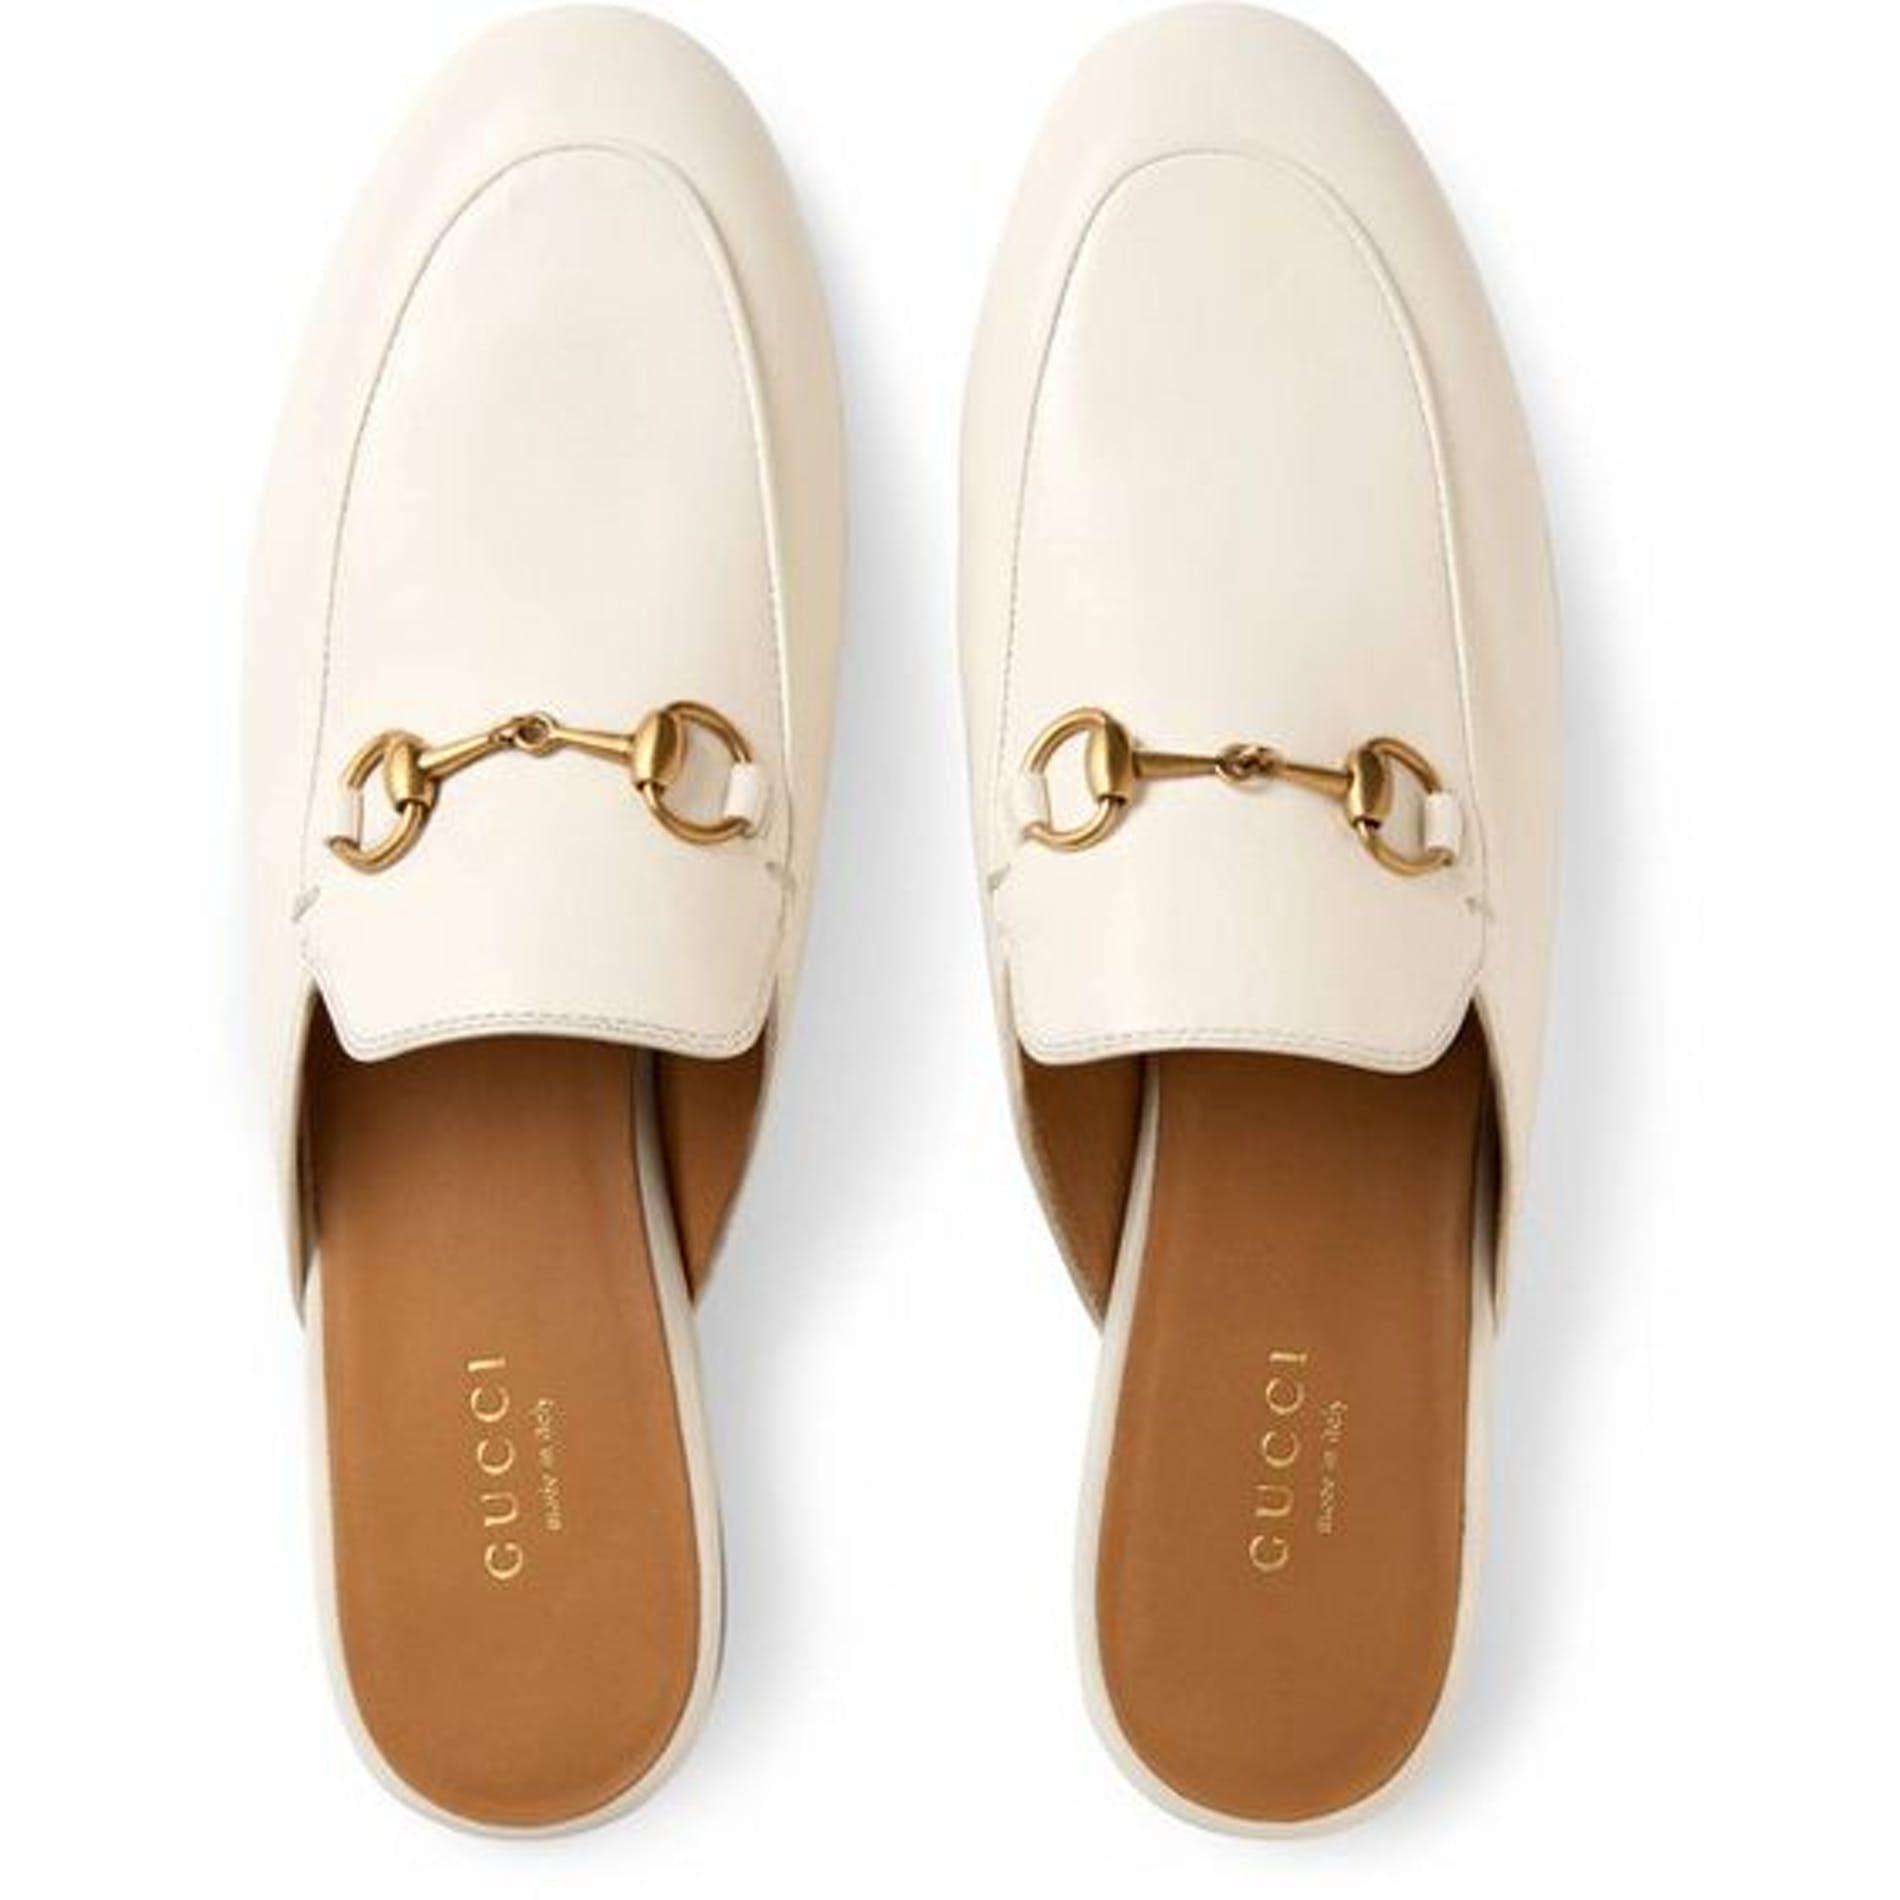 e2739ba091e5 Sapatos Must Have Gucci Mules